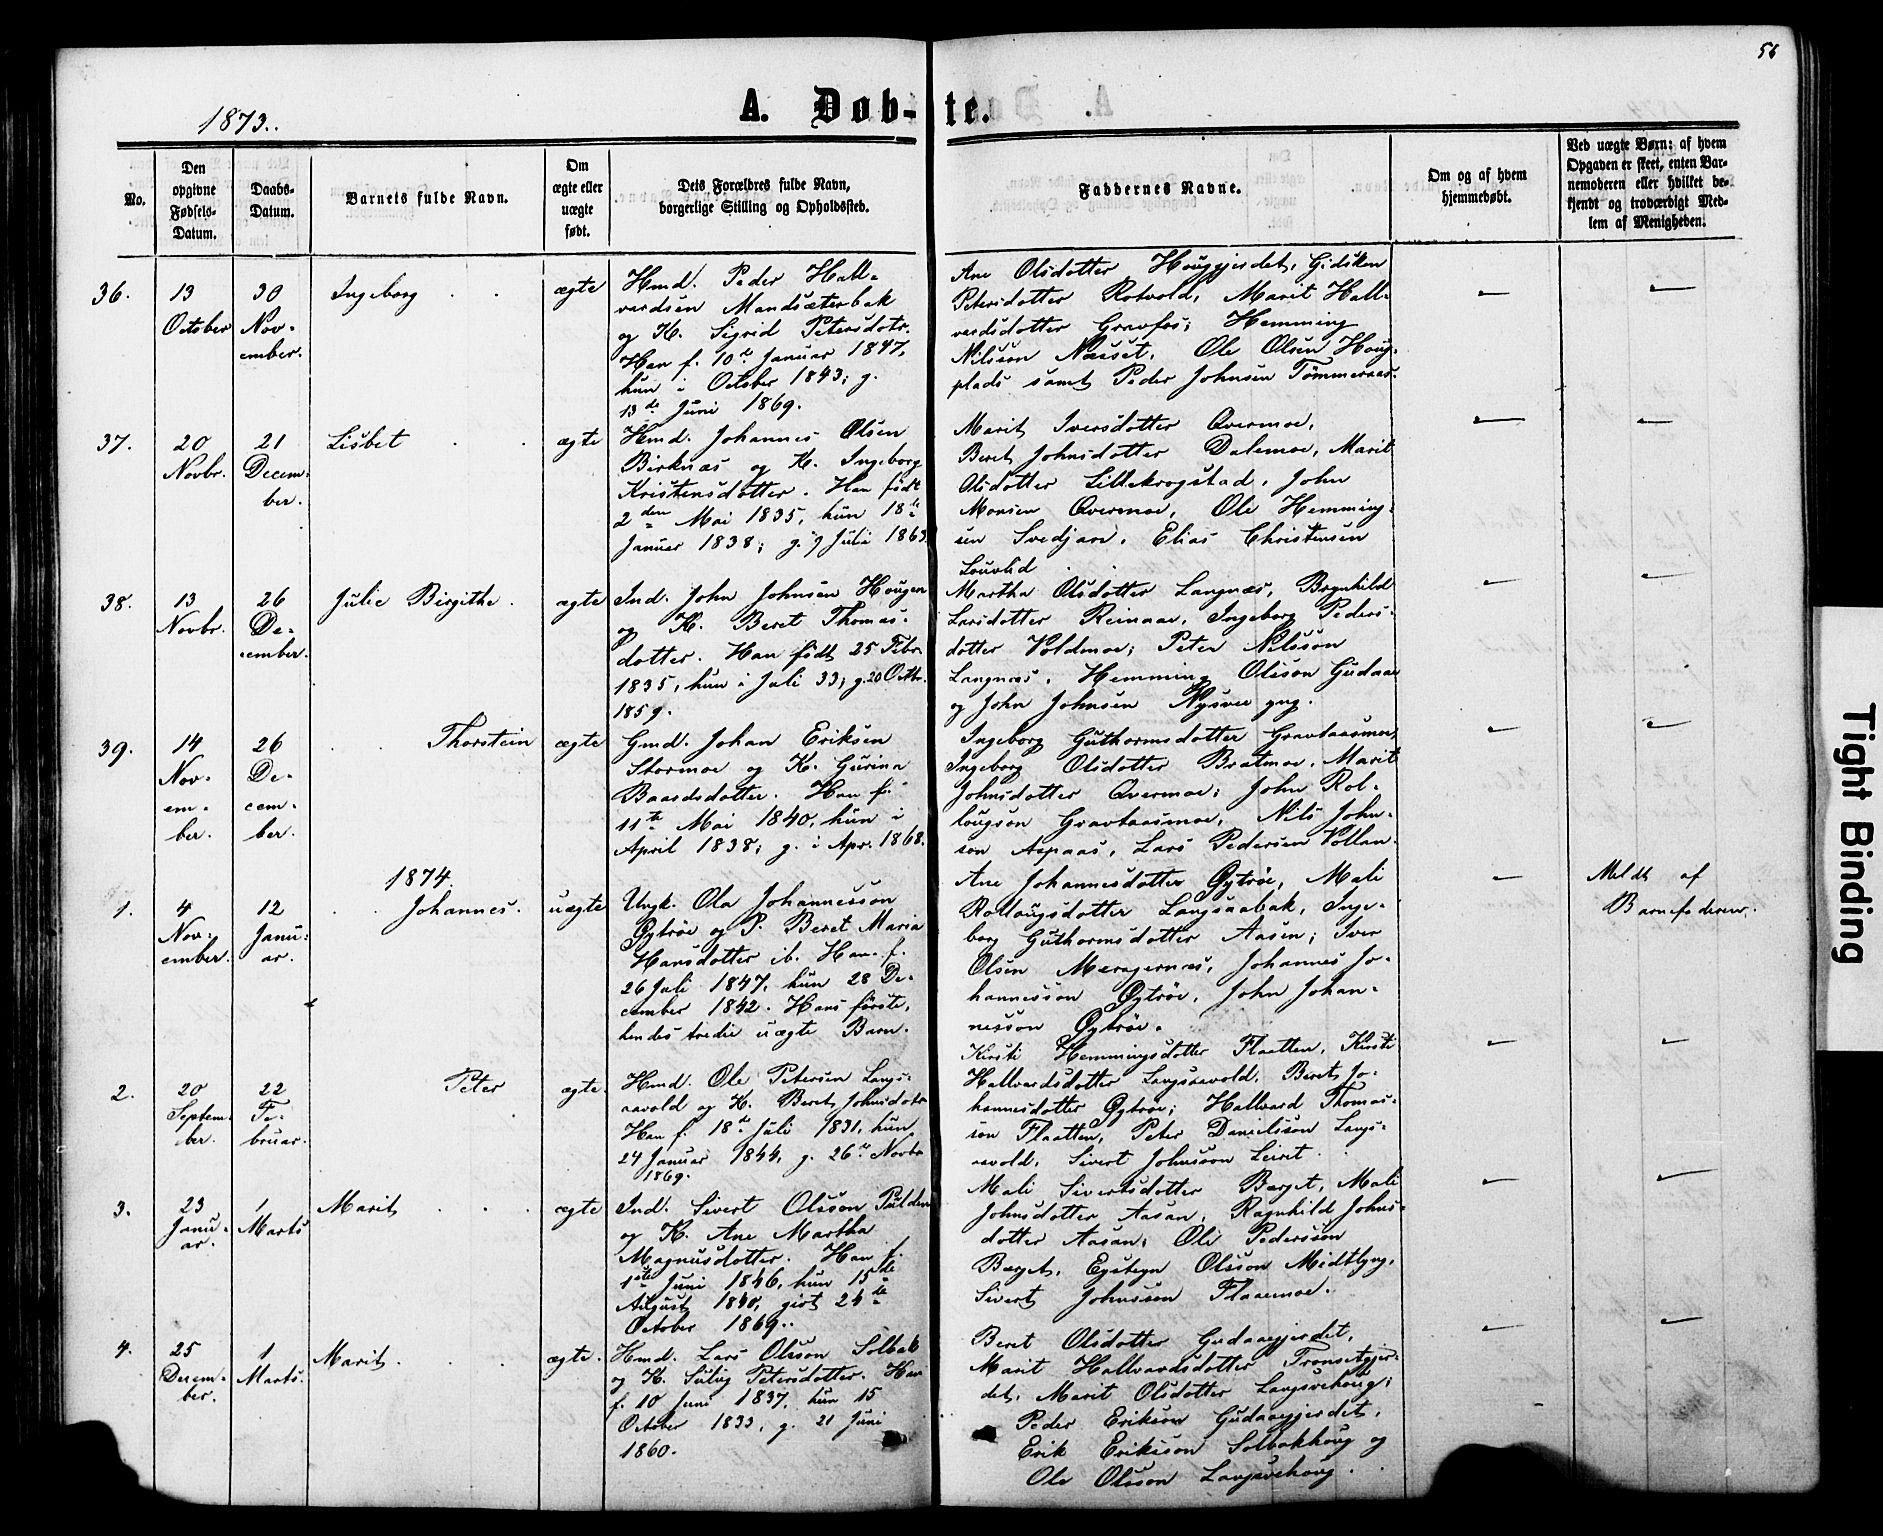 SAT, Ministerialprotokoller, klokkerbøker og fødselsregistre - Nord-Trøndelag, 706/L0049: Klokkerbok nr. 706C01, 1864-1895, s. 56